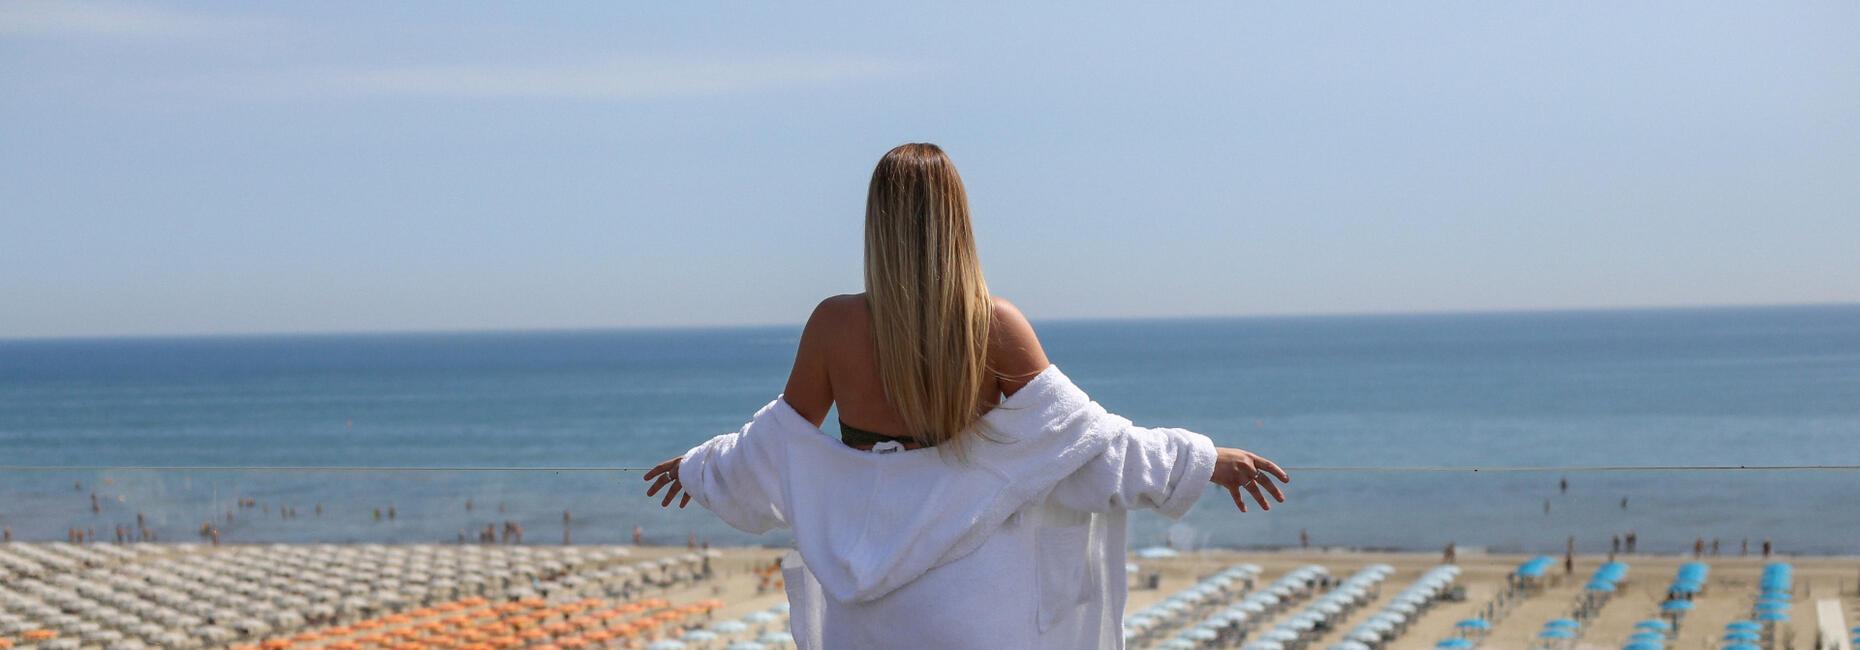 hotelcommodore it offerta-soggiorno-con-amici-animali-in-hotel-di-cervia 012